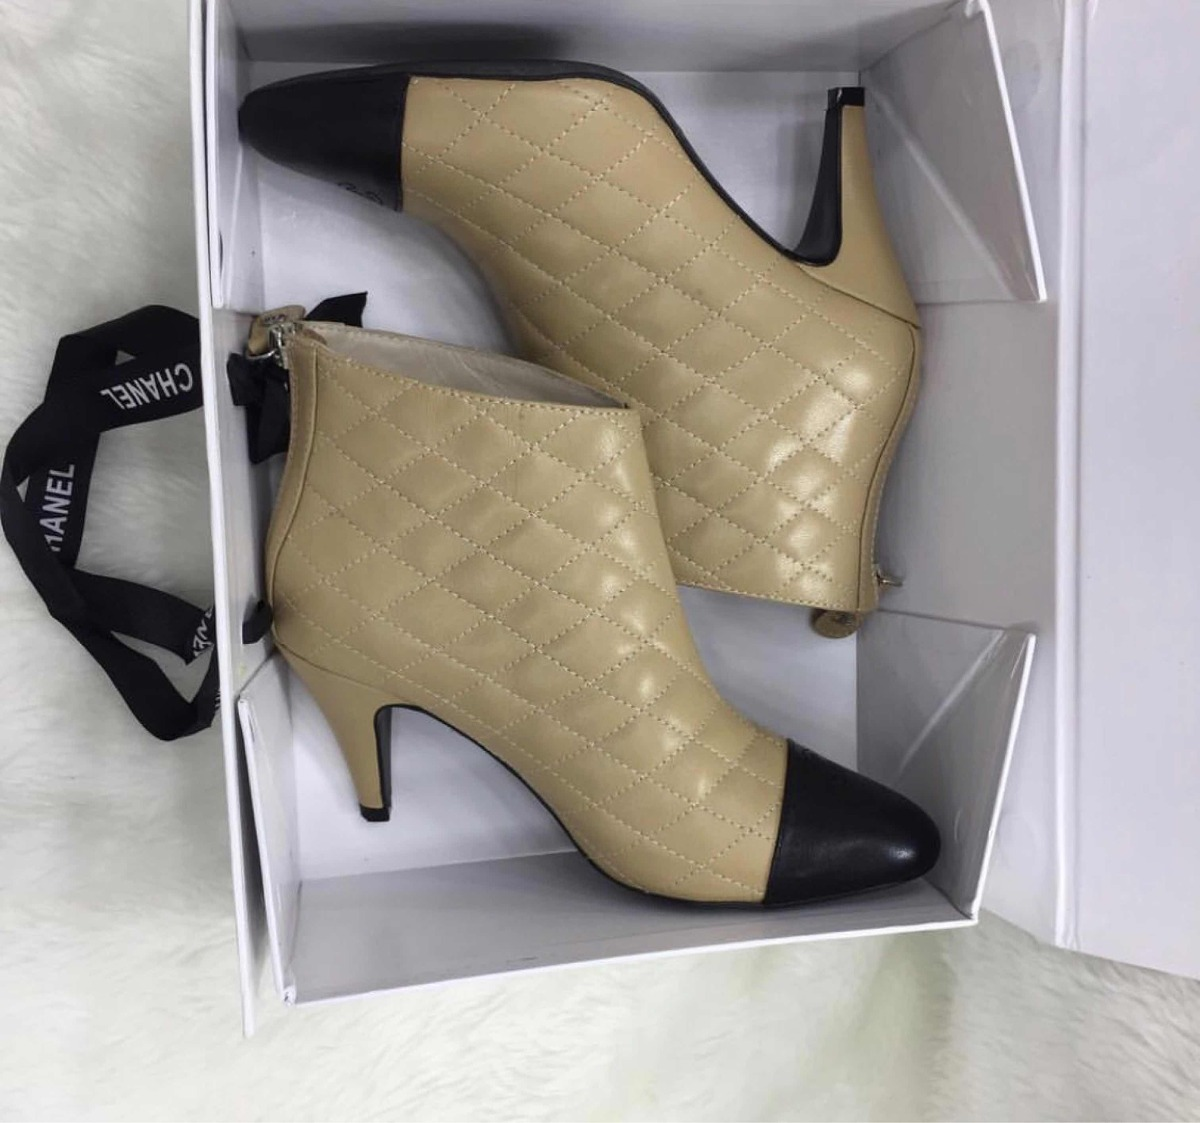 33d6561e1 Bota Chanel Couro Bicolor Novo Original - R$ 1.642,86 em Mercado Livre